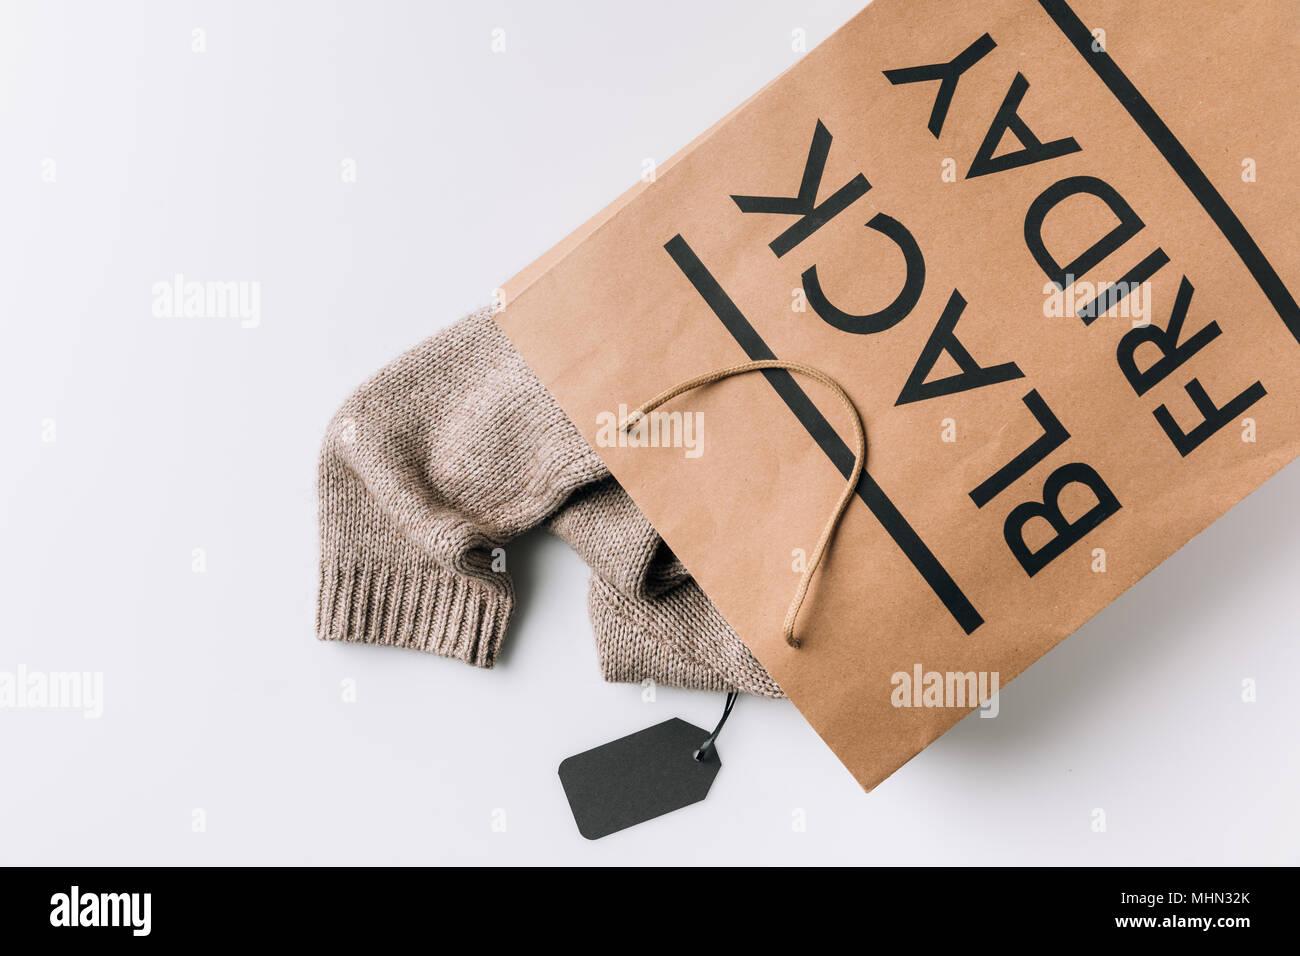 black friday - Stock Image